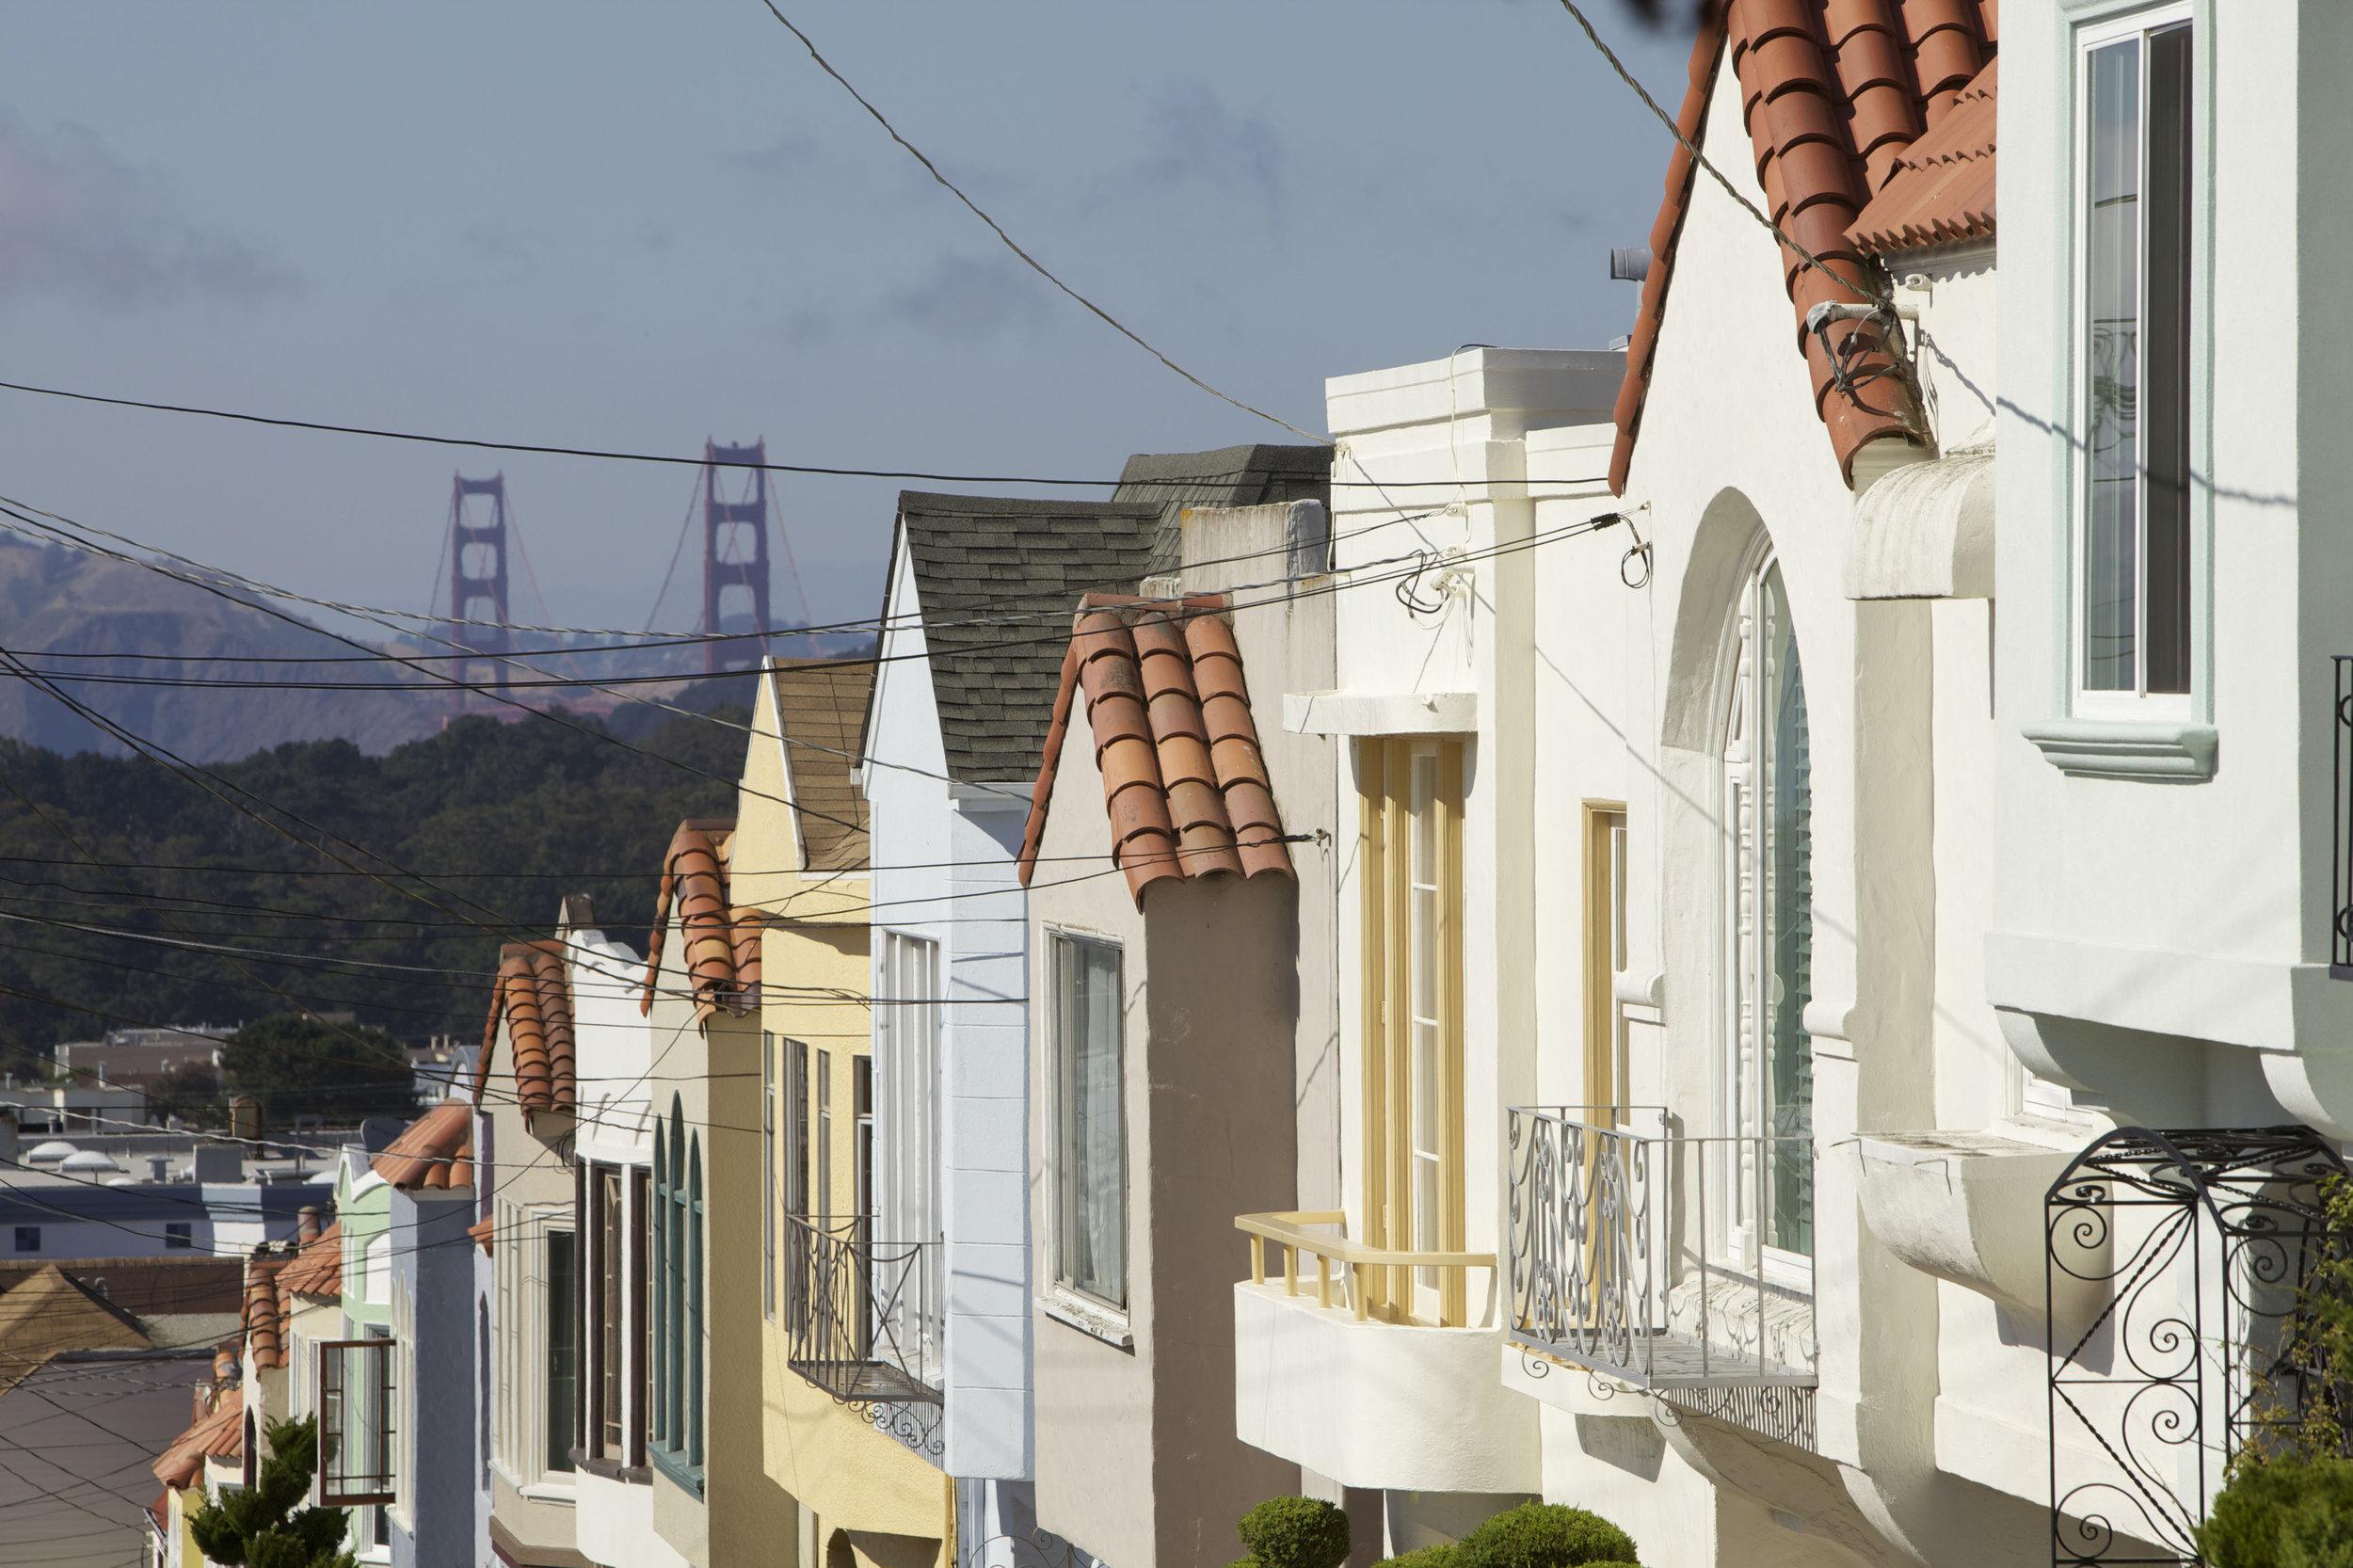 Image courtesy of San Francisco Travel